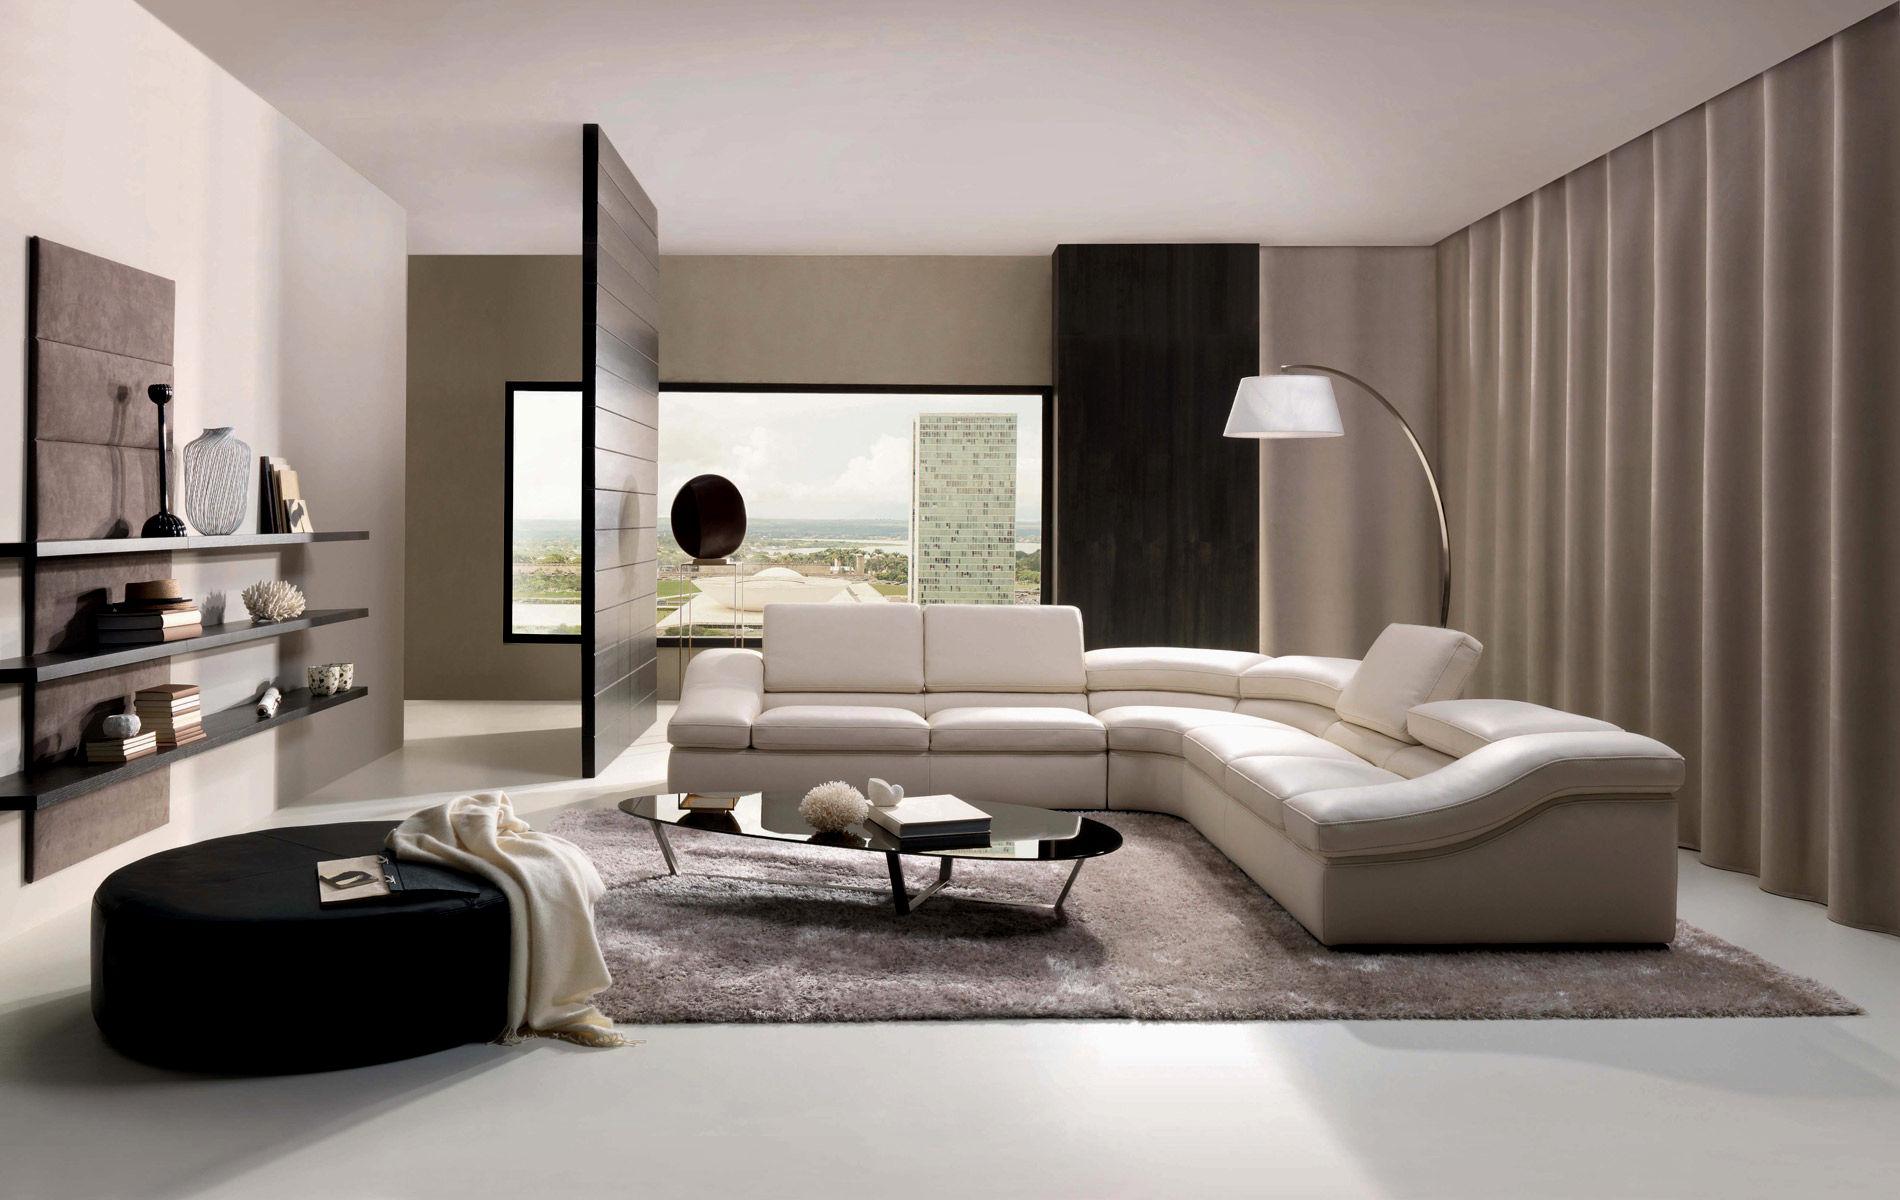 inspirational grey bathroom floor tiles architecture-Inspirational Grey Bathroom Floor Tiles Portrait